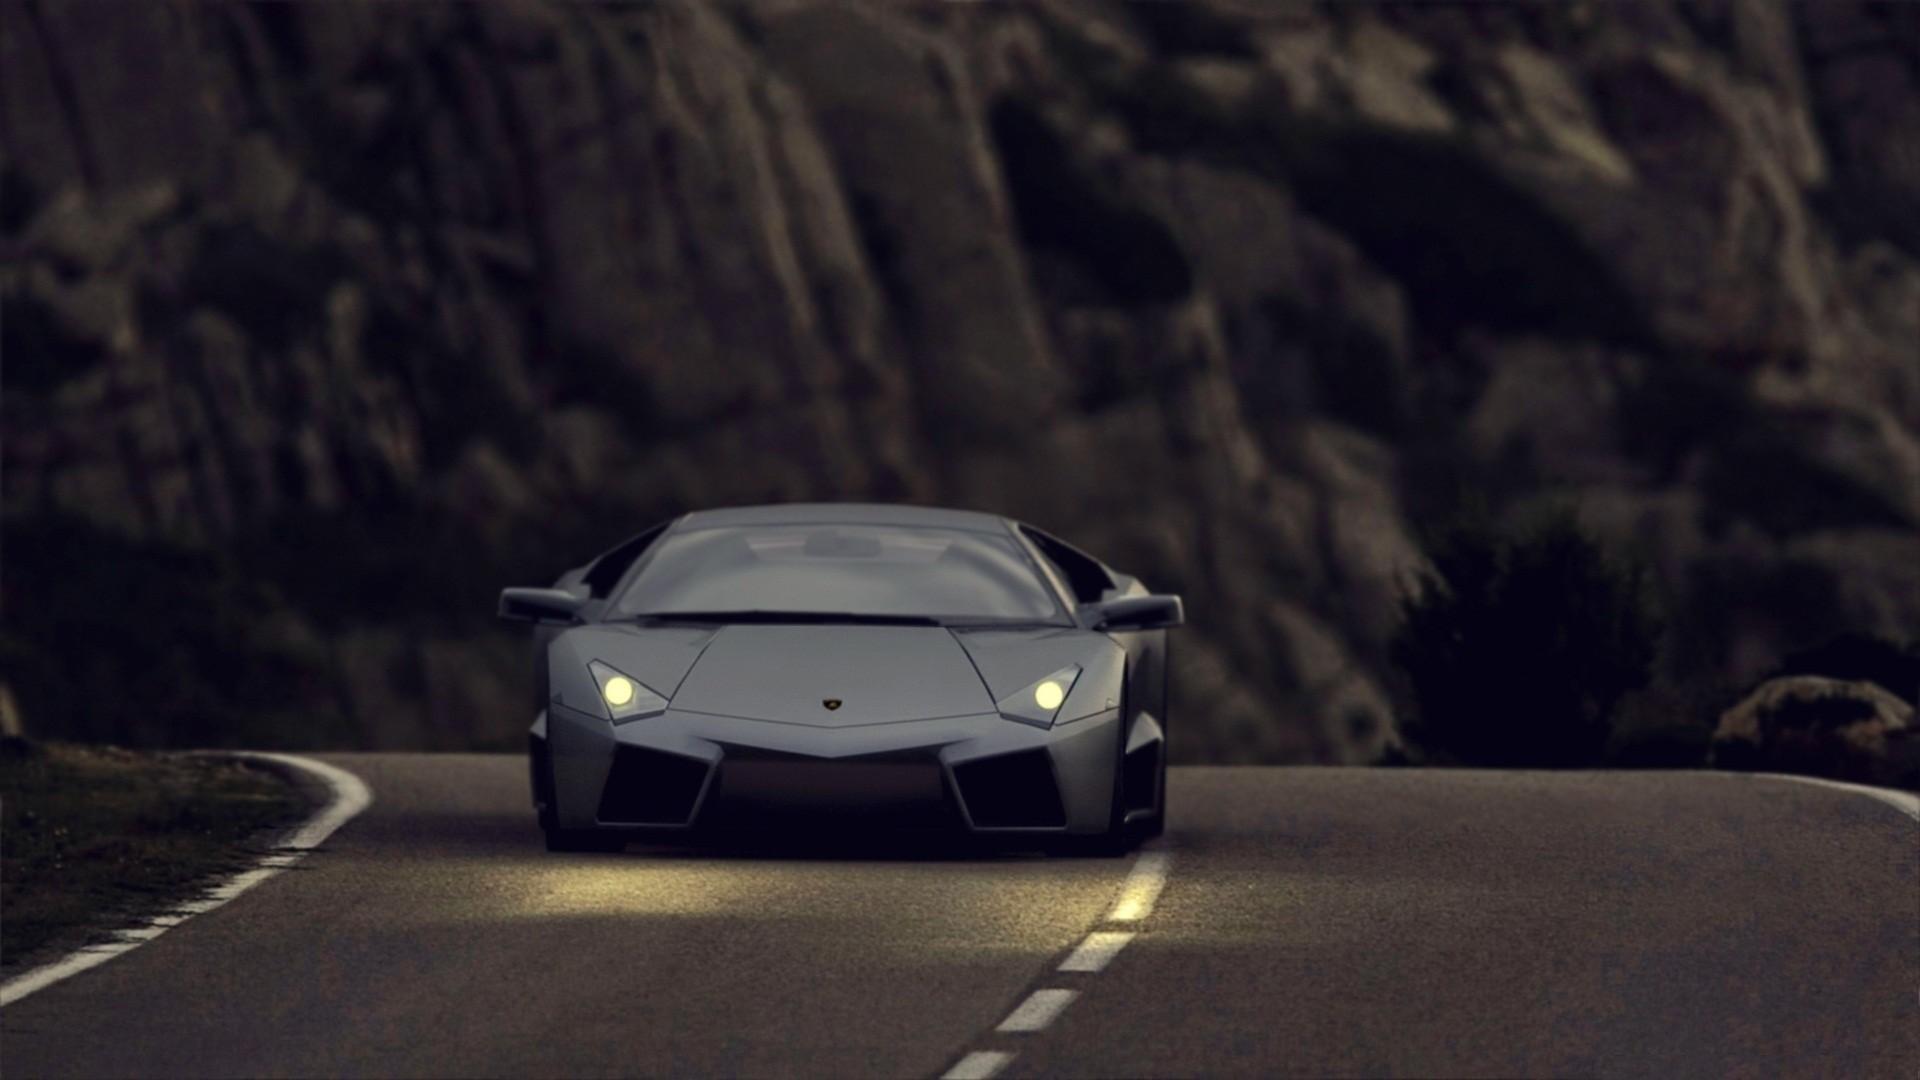 Lamborghini Dark wallpapers HD for desktop.